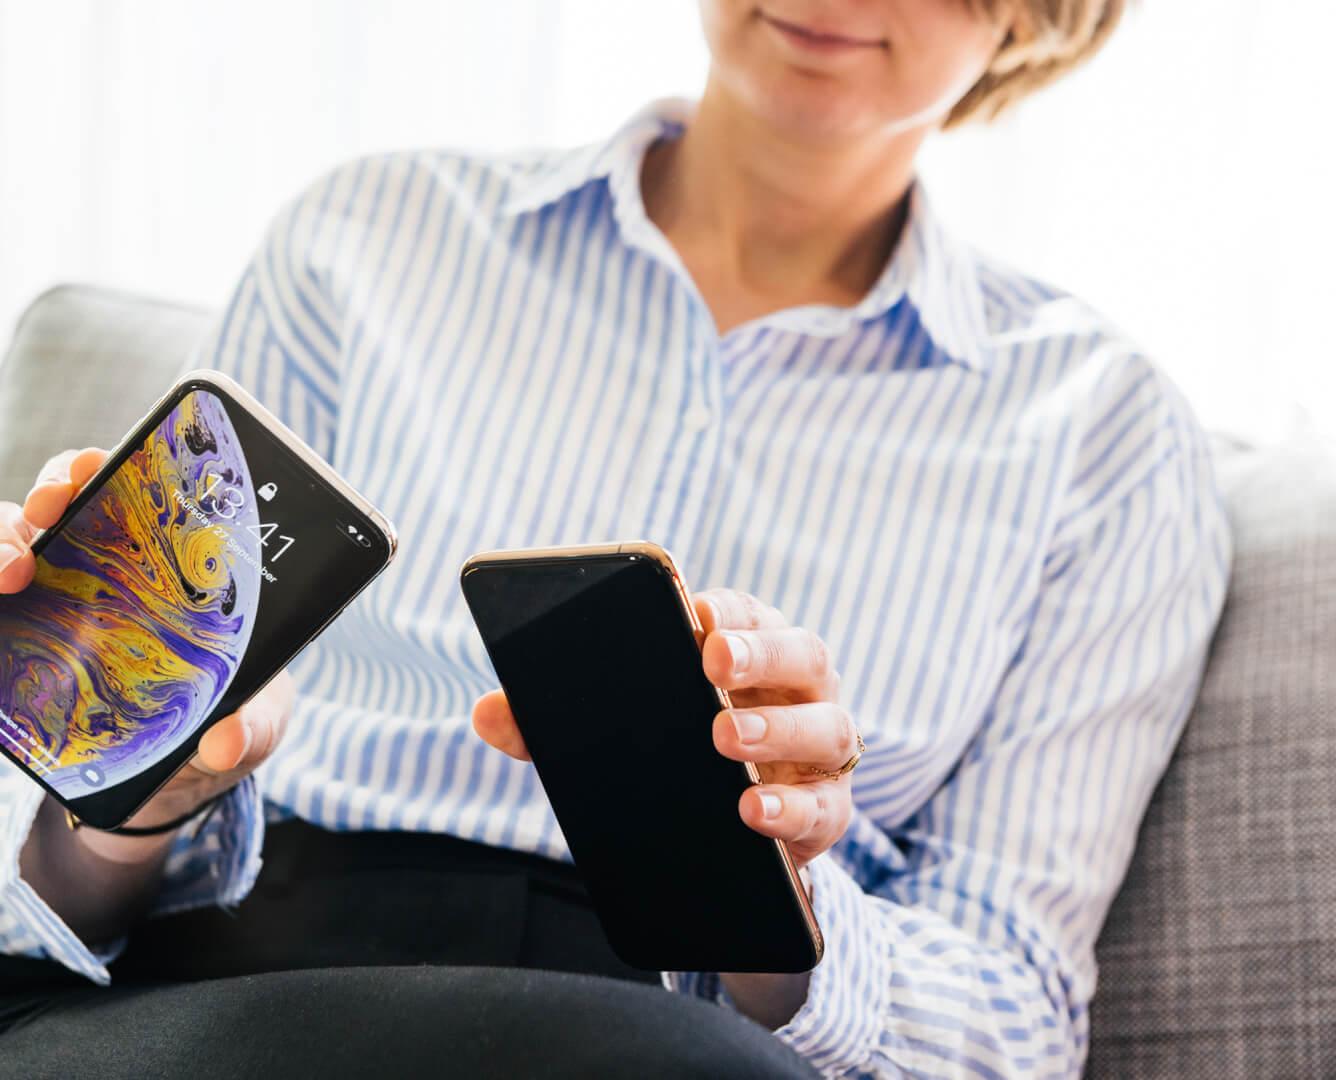 Kvinde sammenligner iPhones